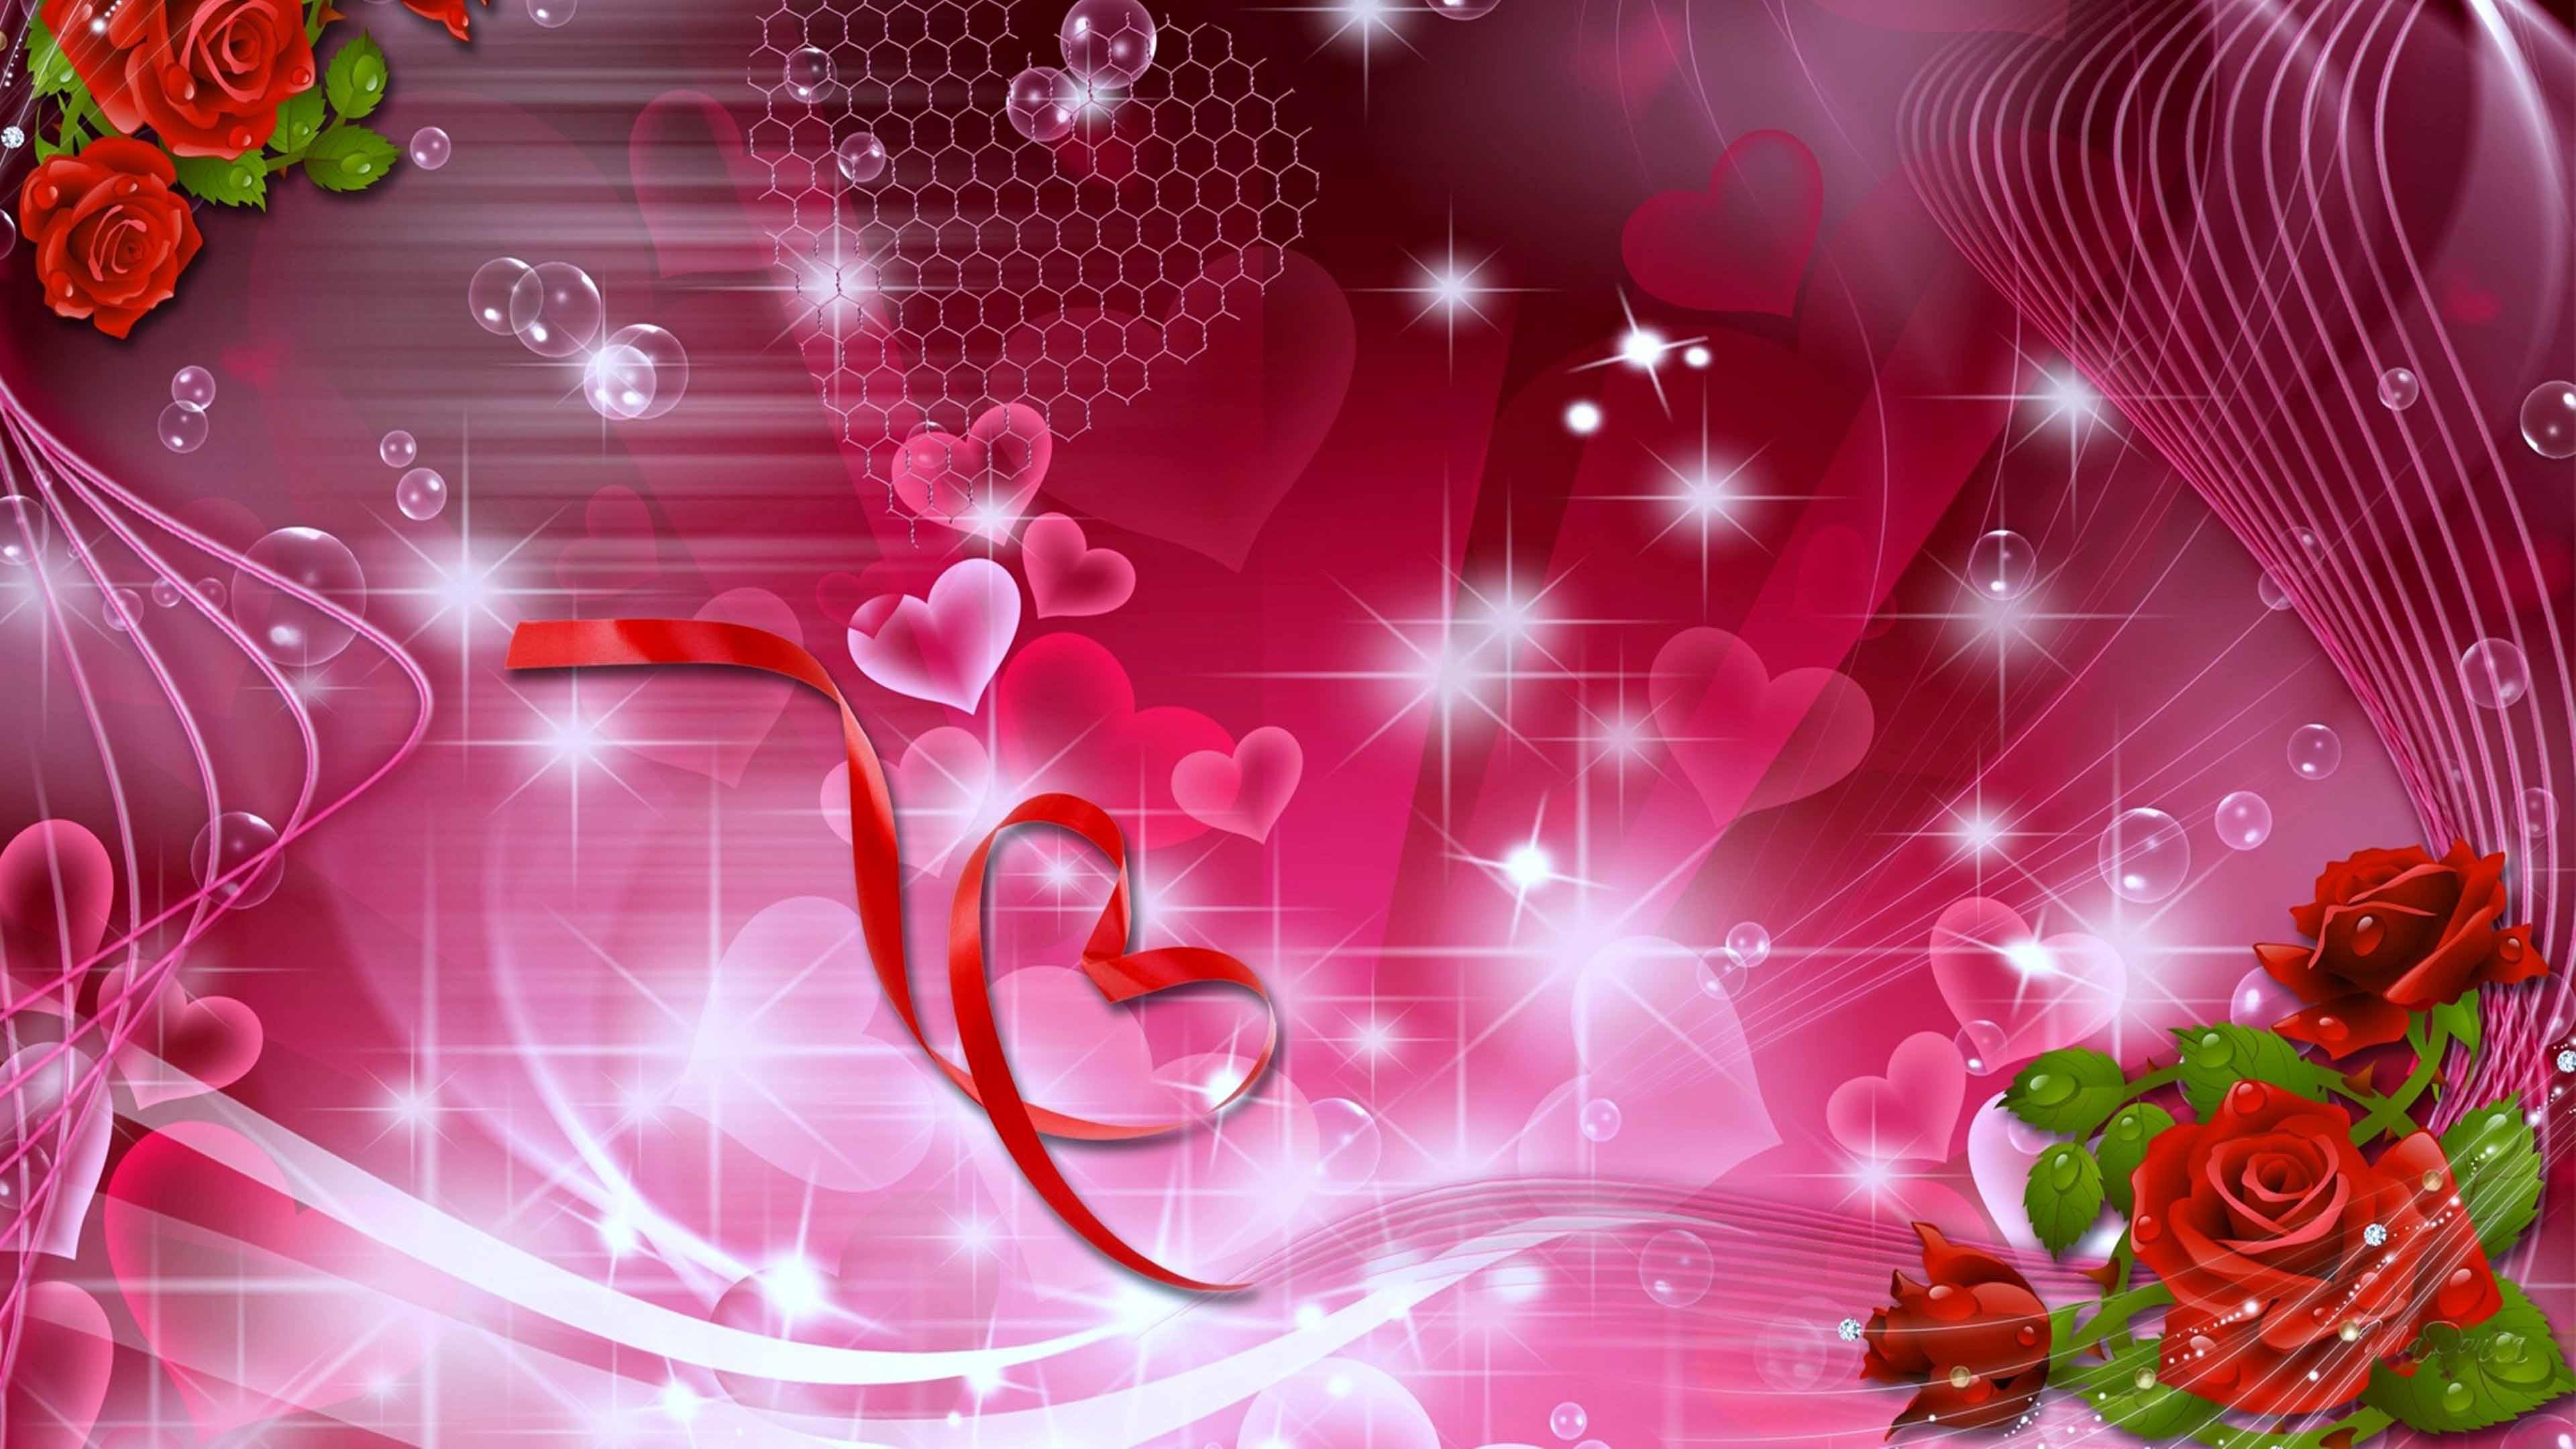 Love desktop background theme hd wallpaper